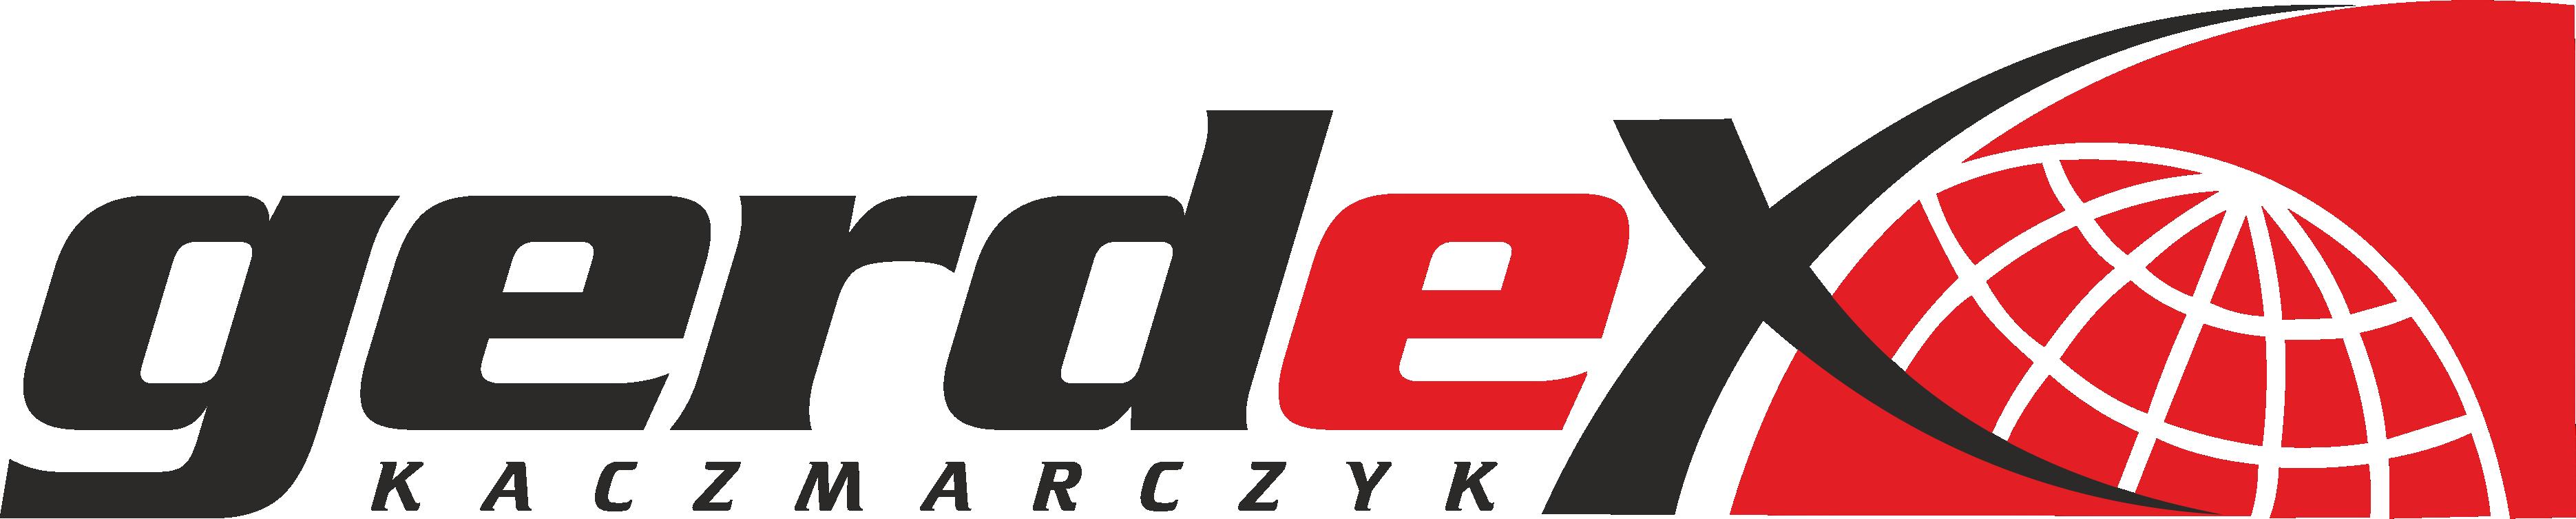 Gerdex - Międzynarodowy Transport Samochodowy